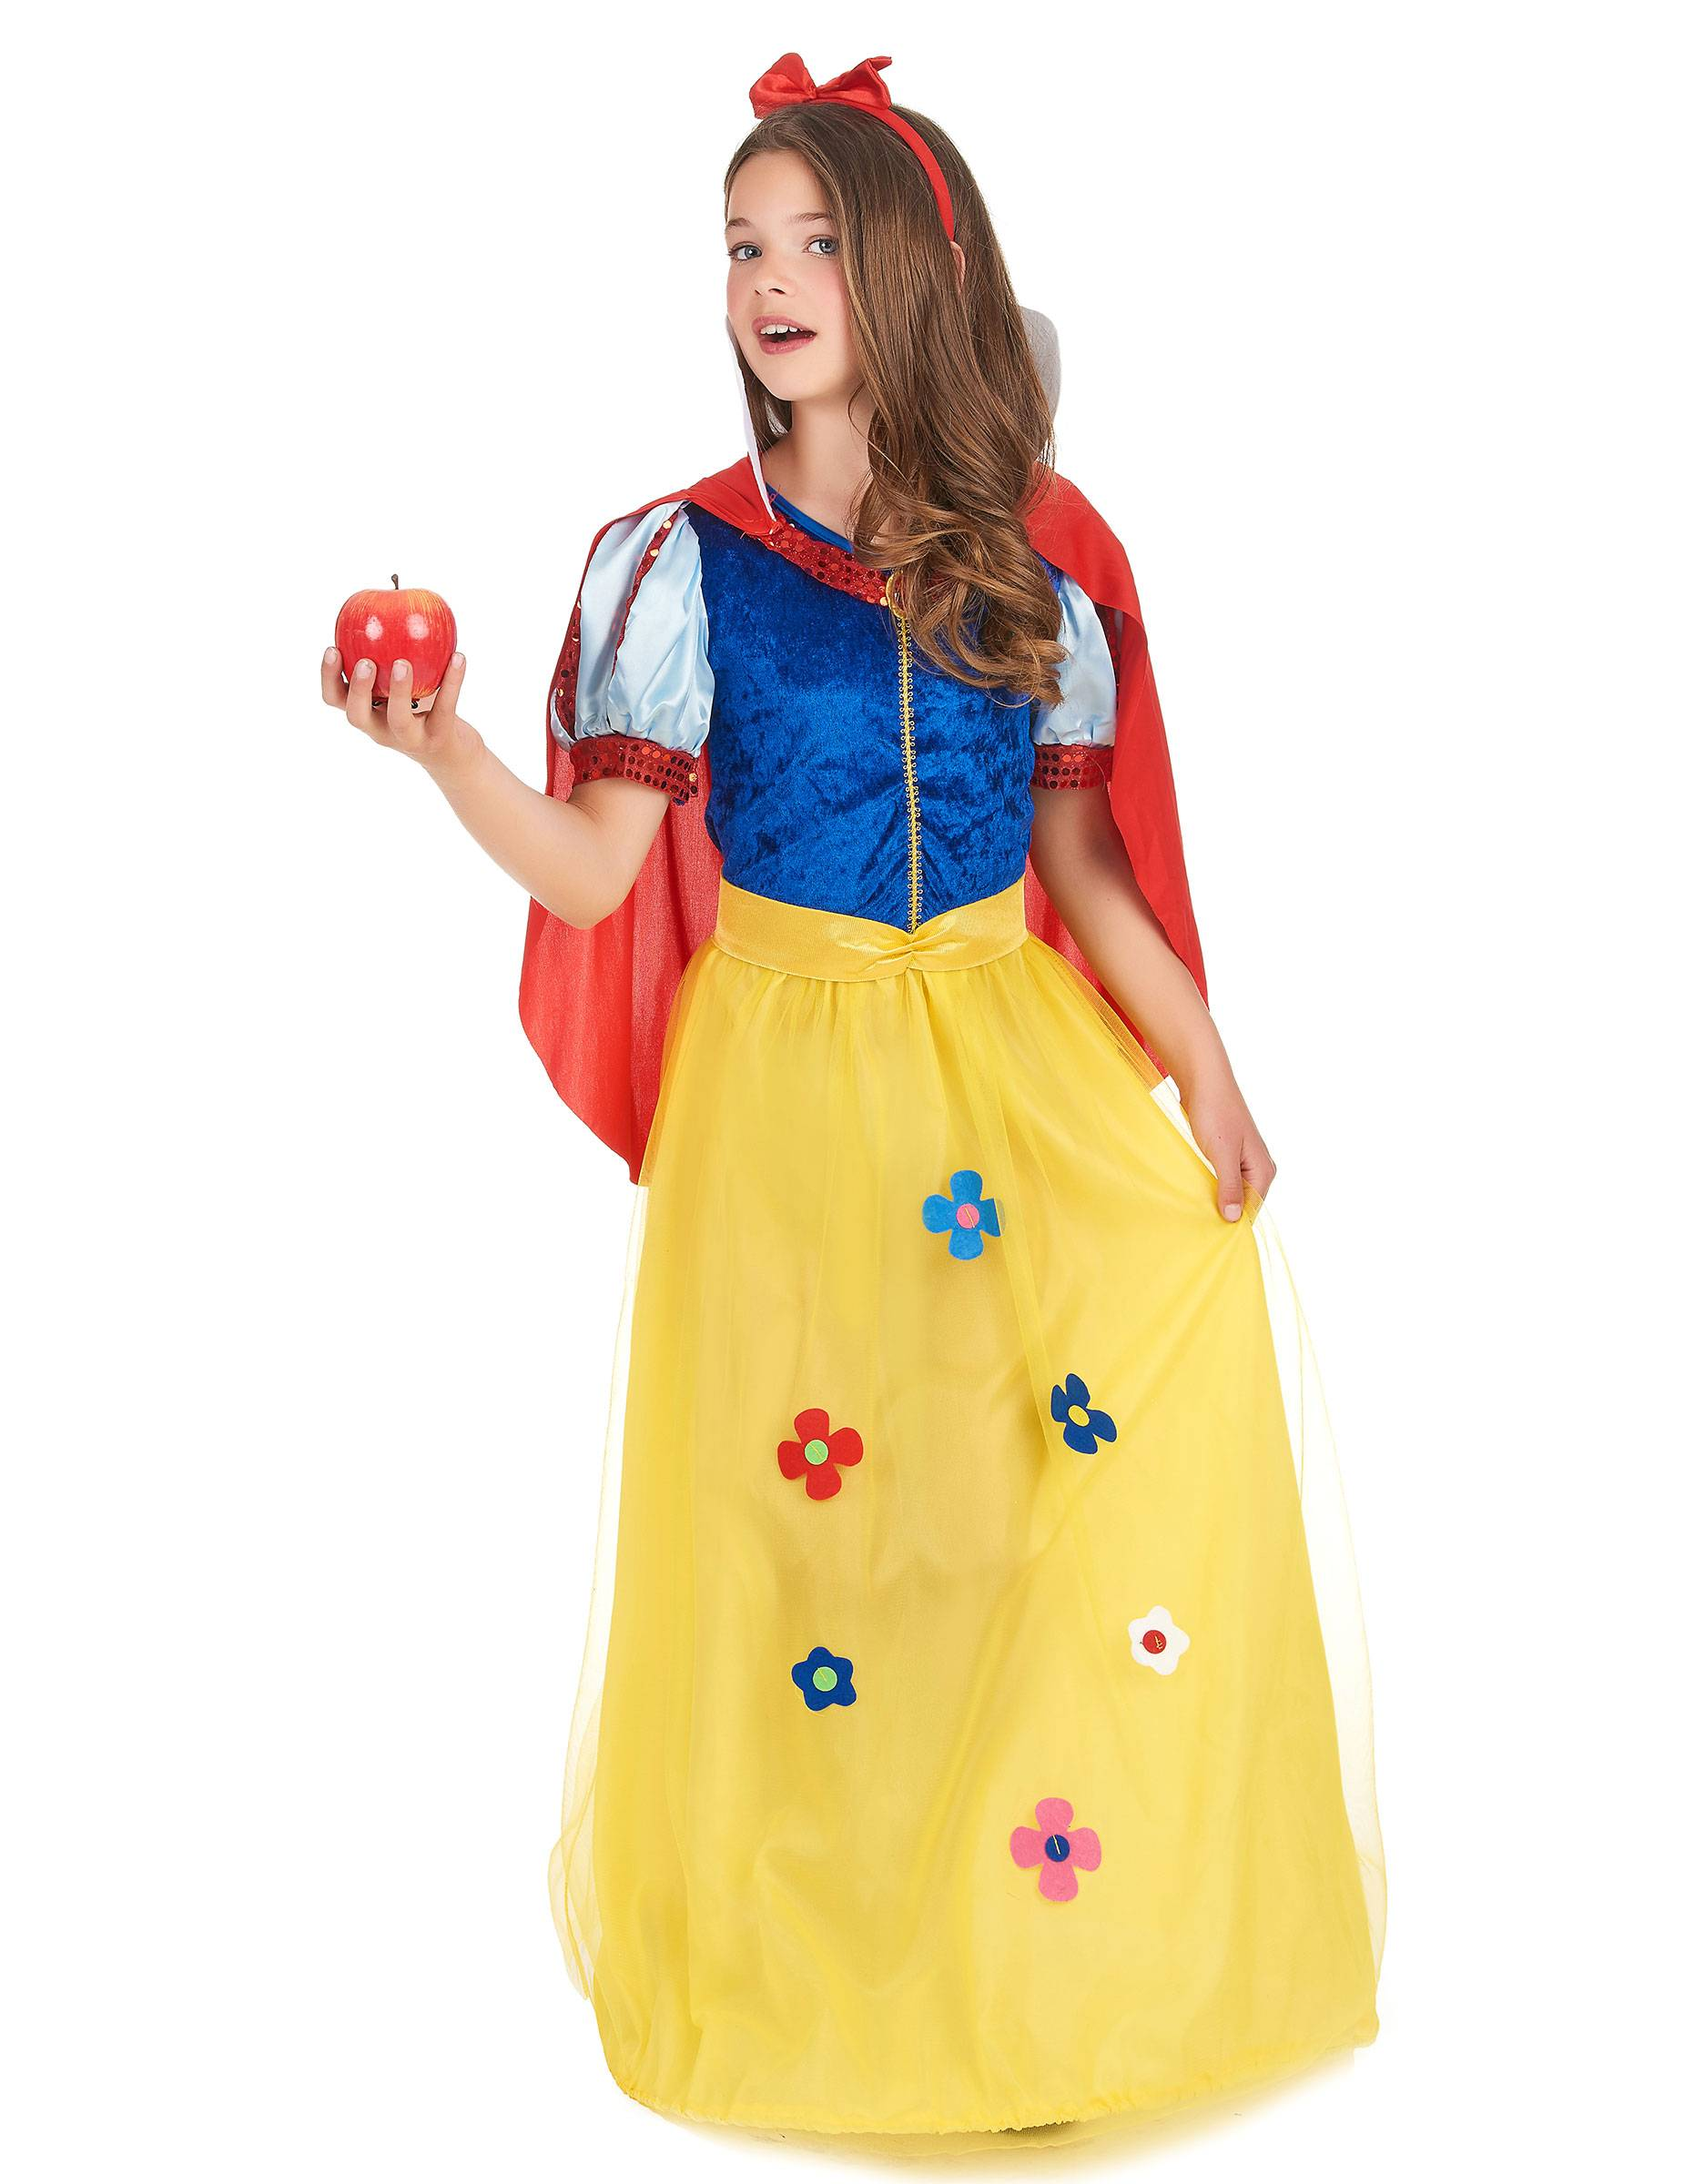 Deguisetoi Déguisement princesse à fleur fille - Taille: S 4-6 ans (110-120 cm)